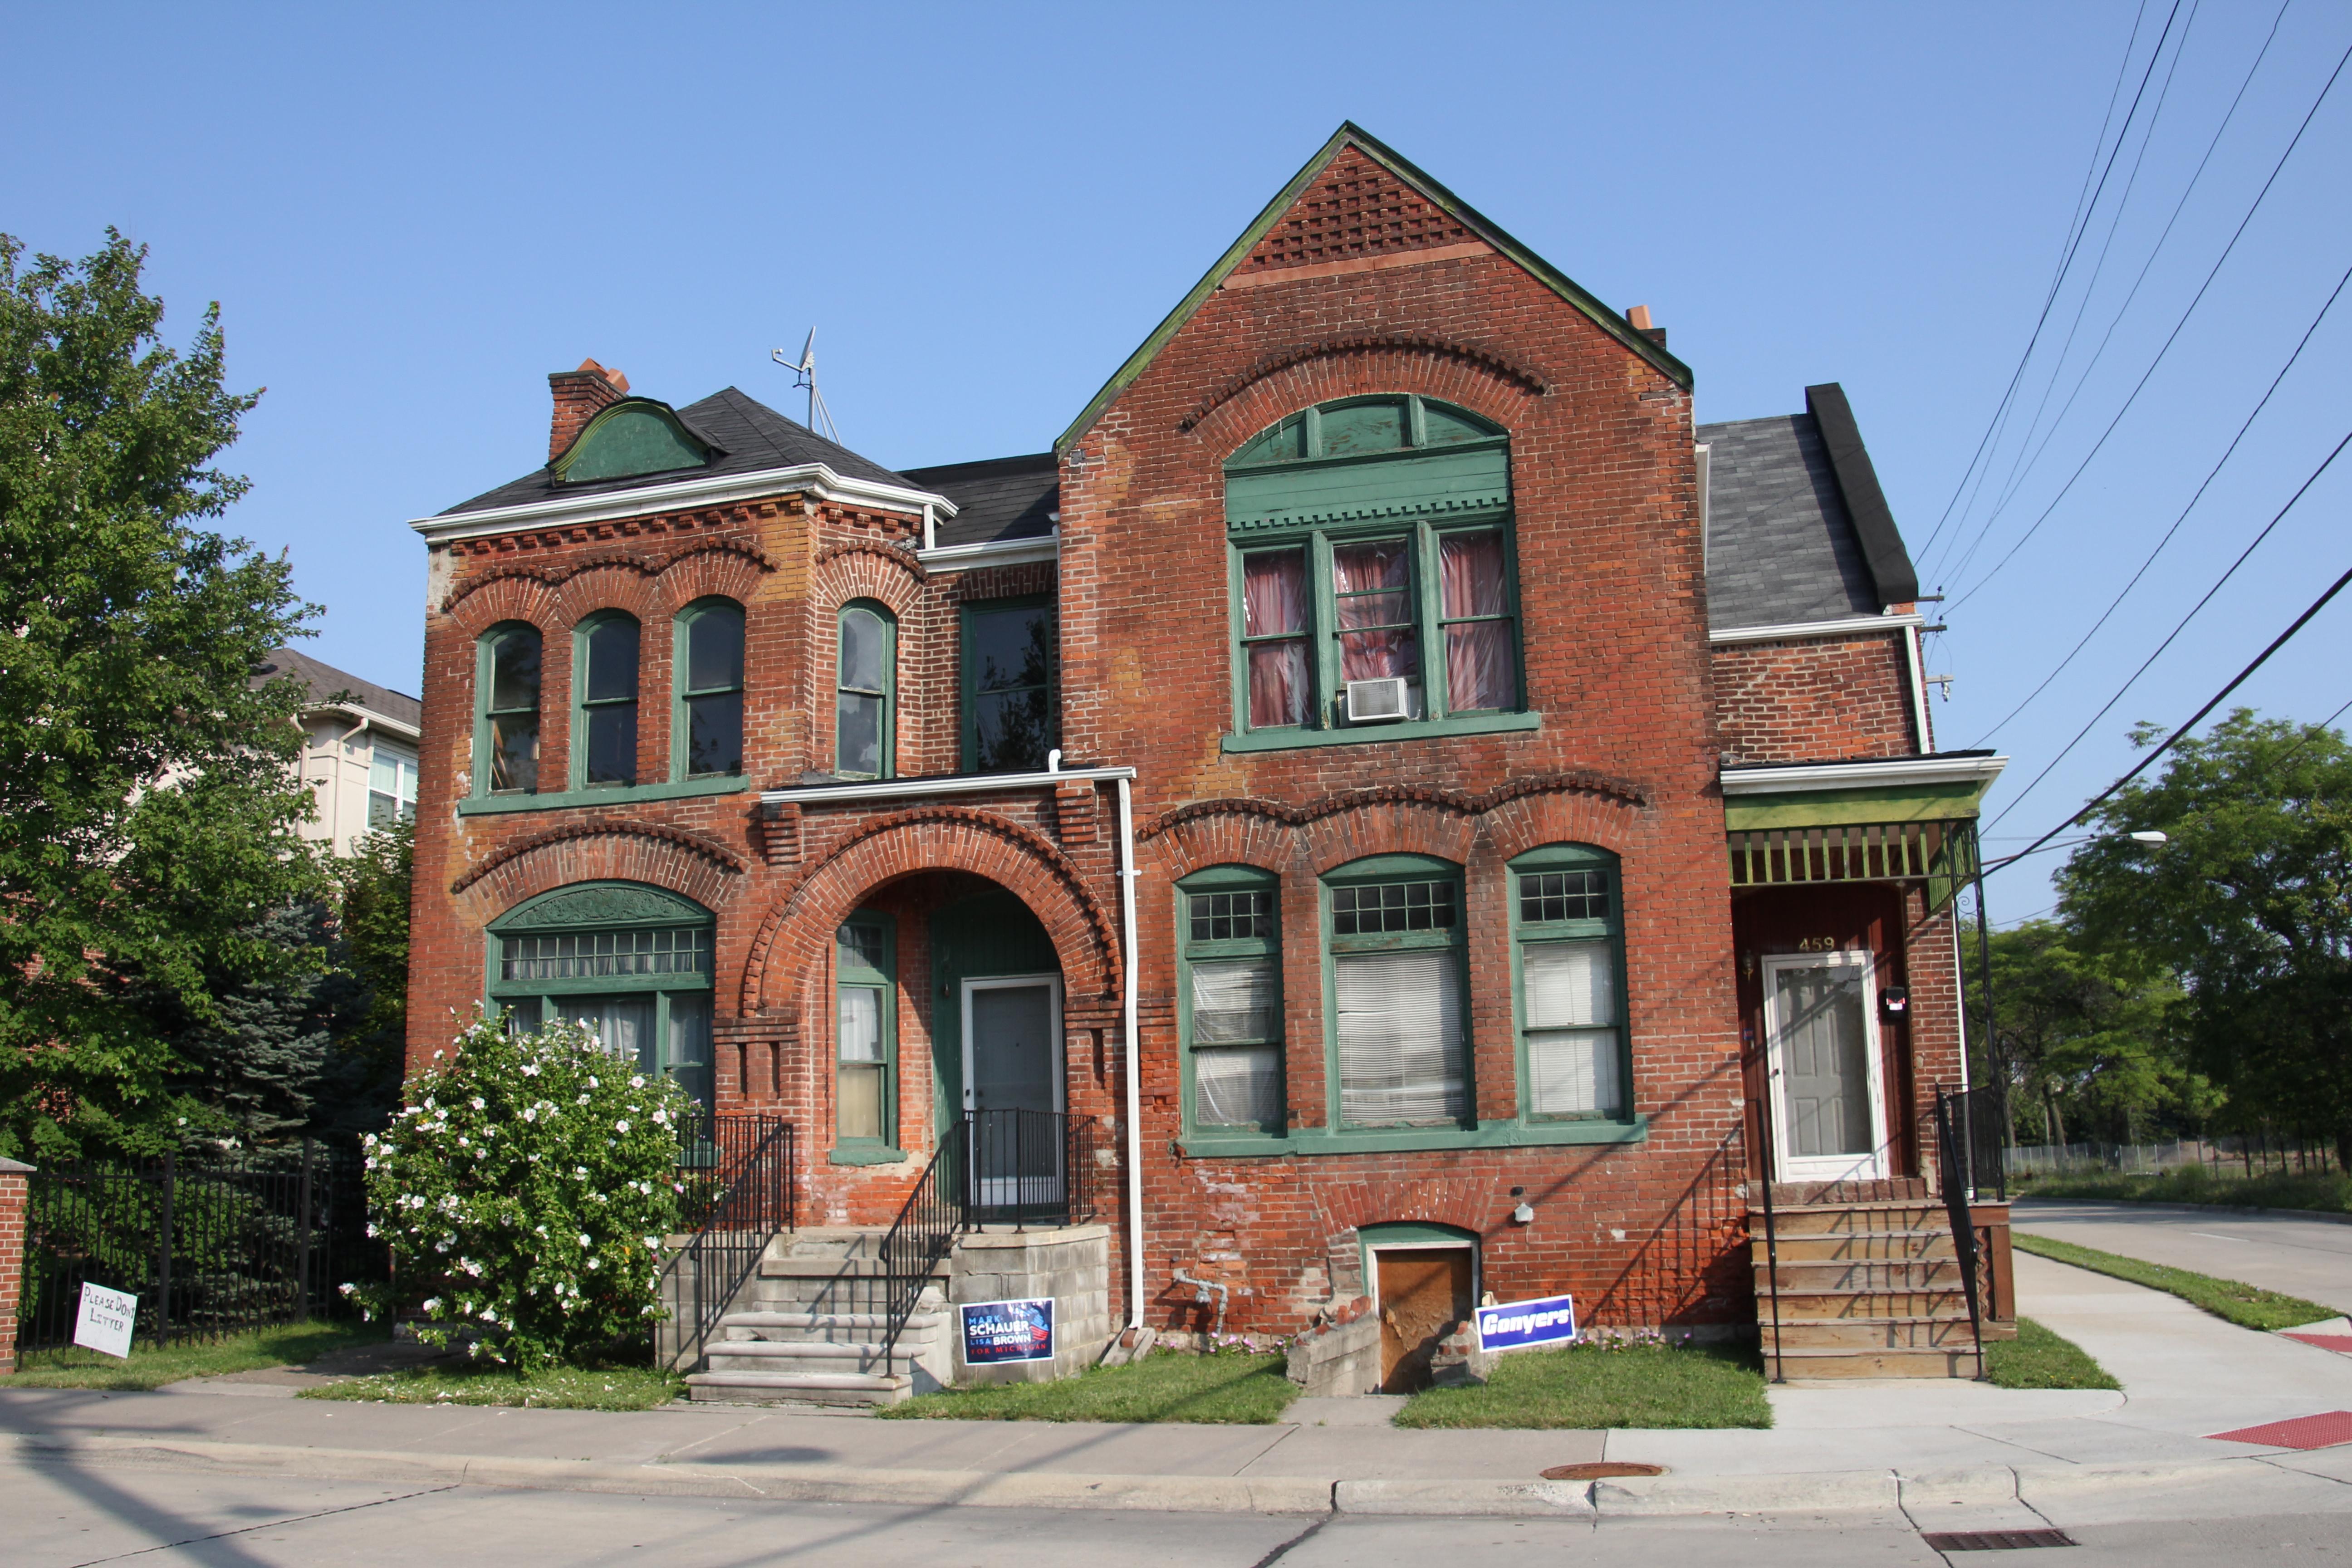 Acheter une maison abandonnée pour un euro ? C'est possible dans certains coins d'Europe. CC KnitSpirit/Flickr